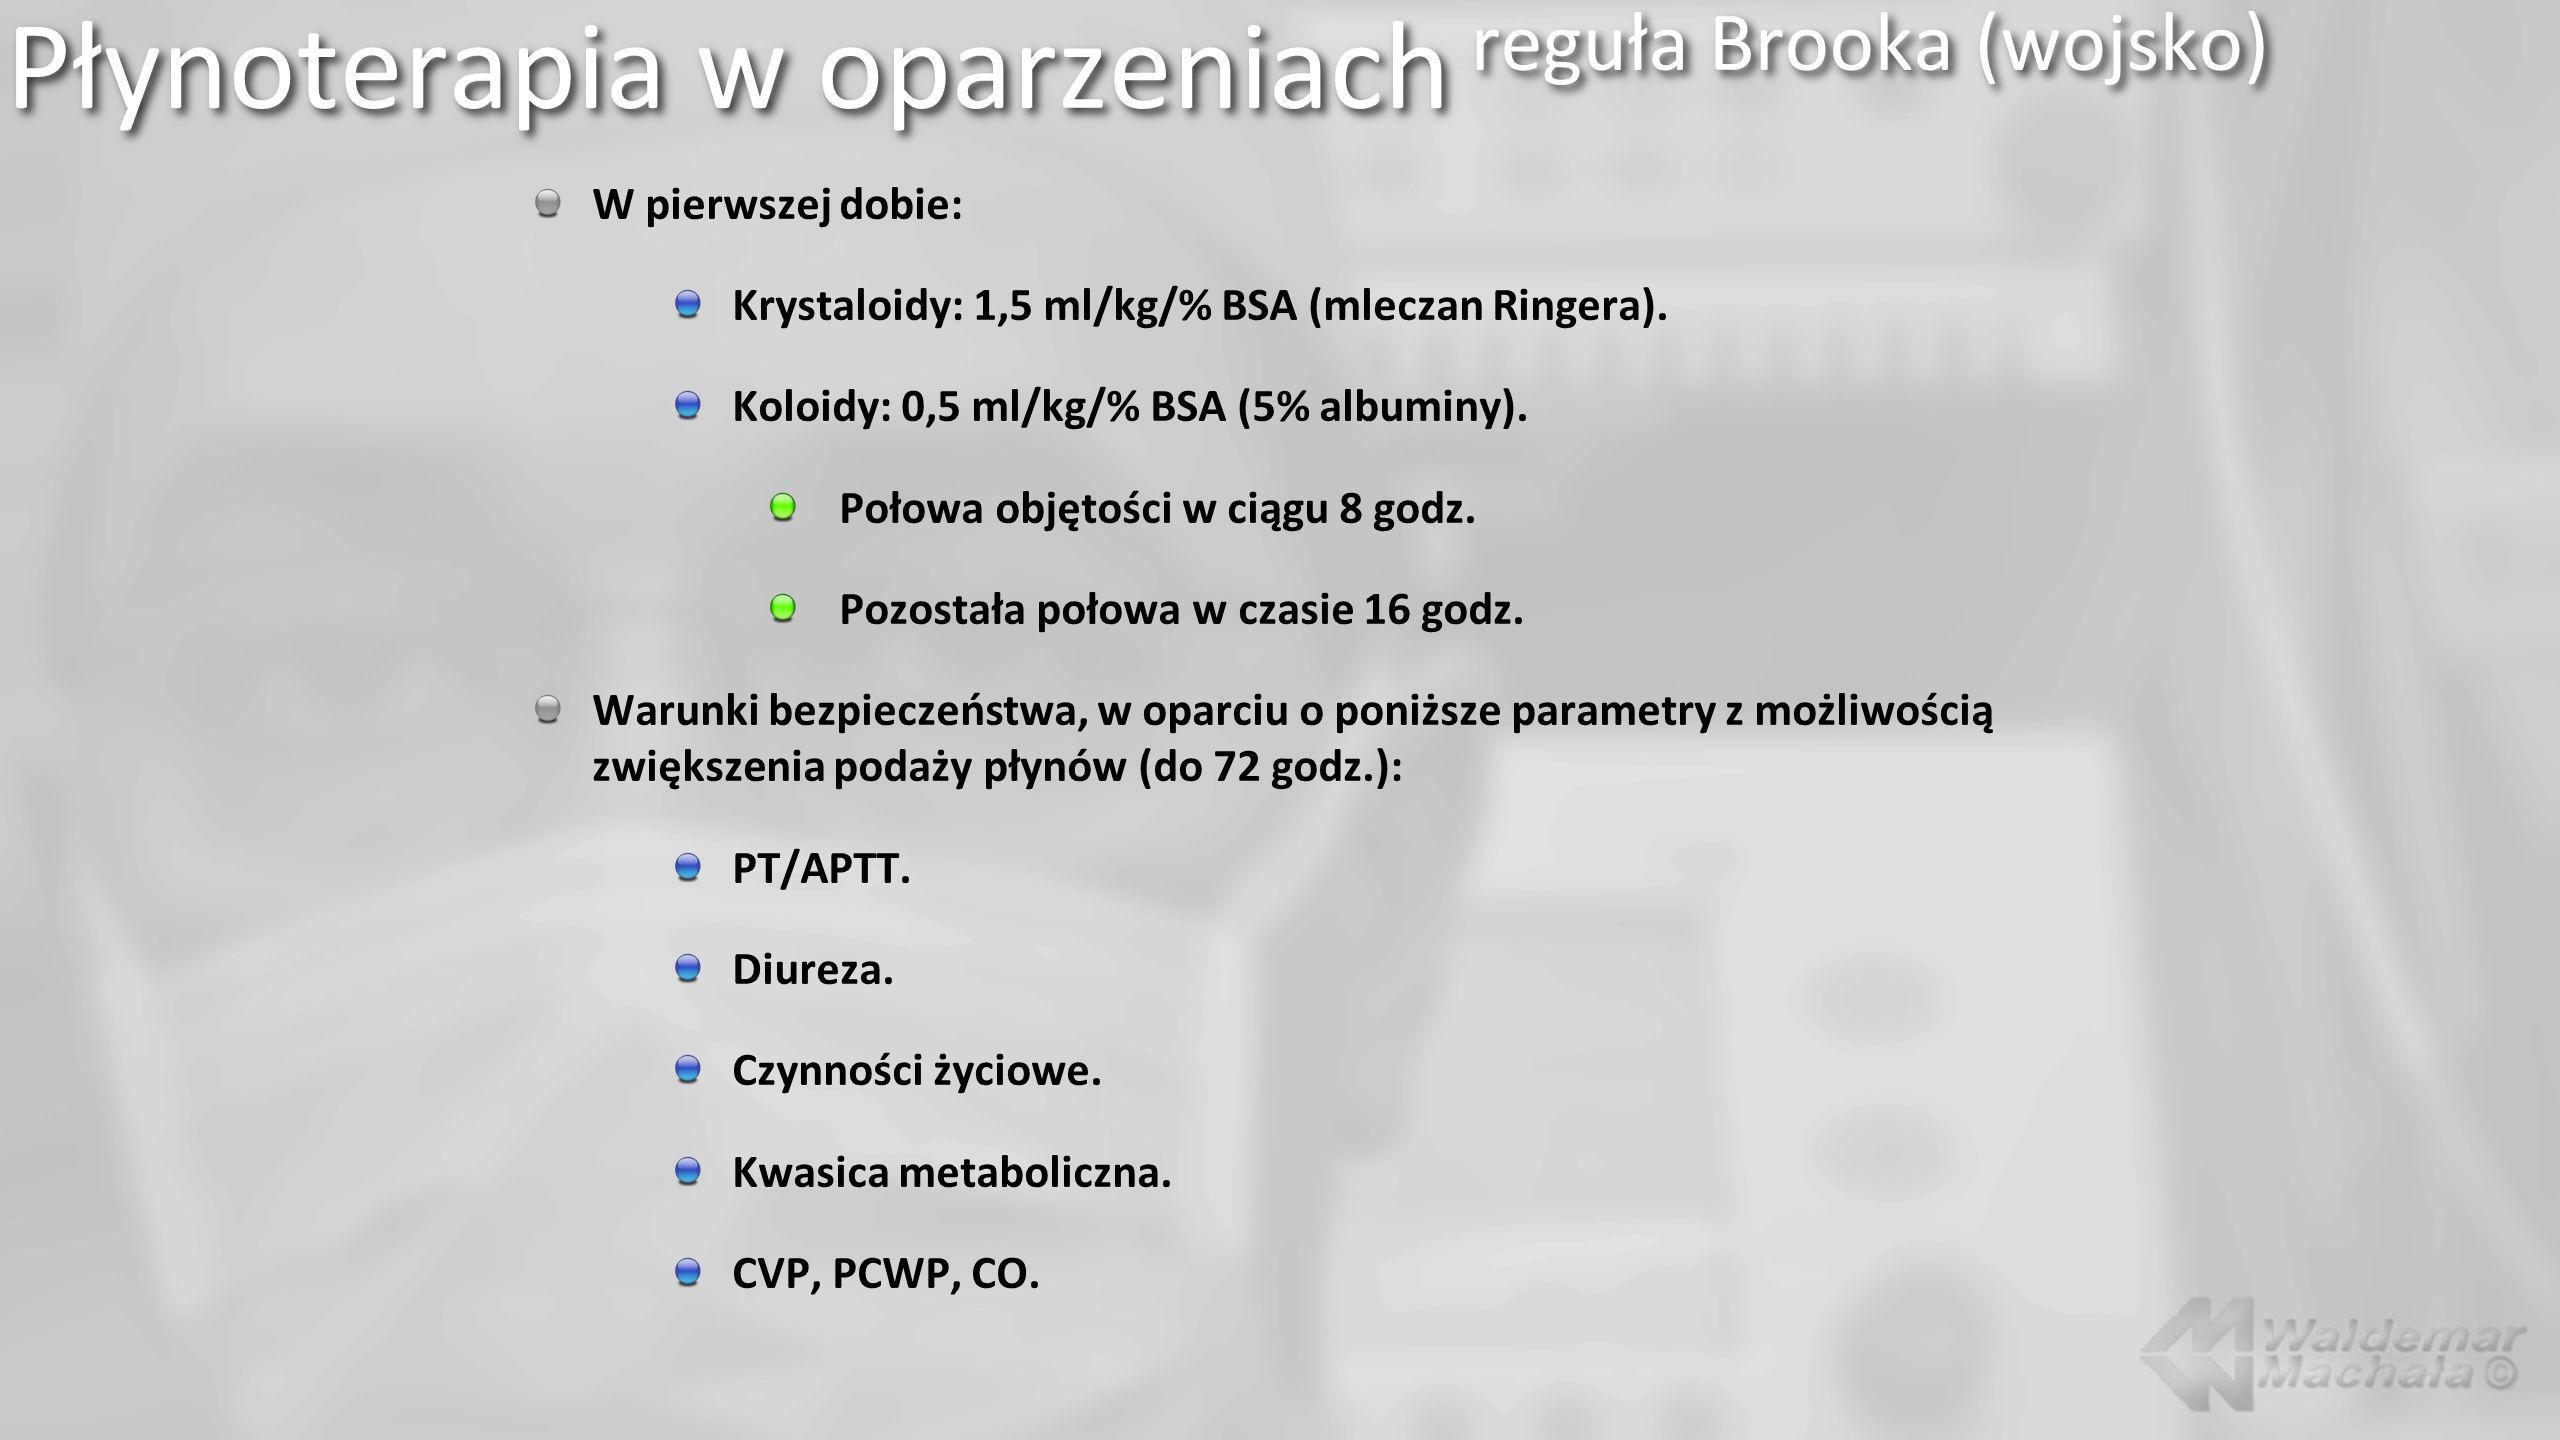 W pierwszej dobie: Krystaloidy: 1,5 ml/kg/% BSA (mleczan Ringera). Koloidy: 0,5 ml/kg/% BSA (5% albuminy). Połowa objętości w ciągu 8 godz. Pozostała